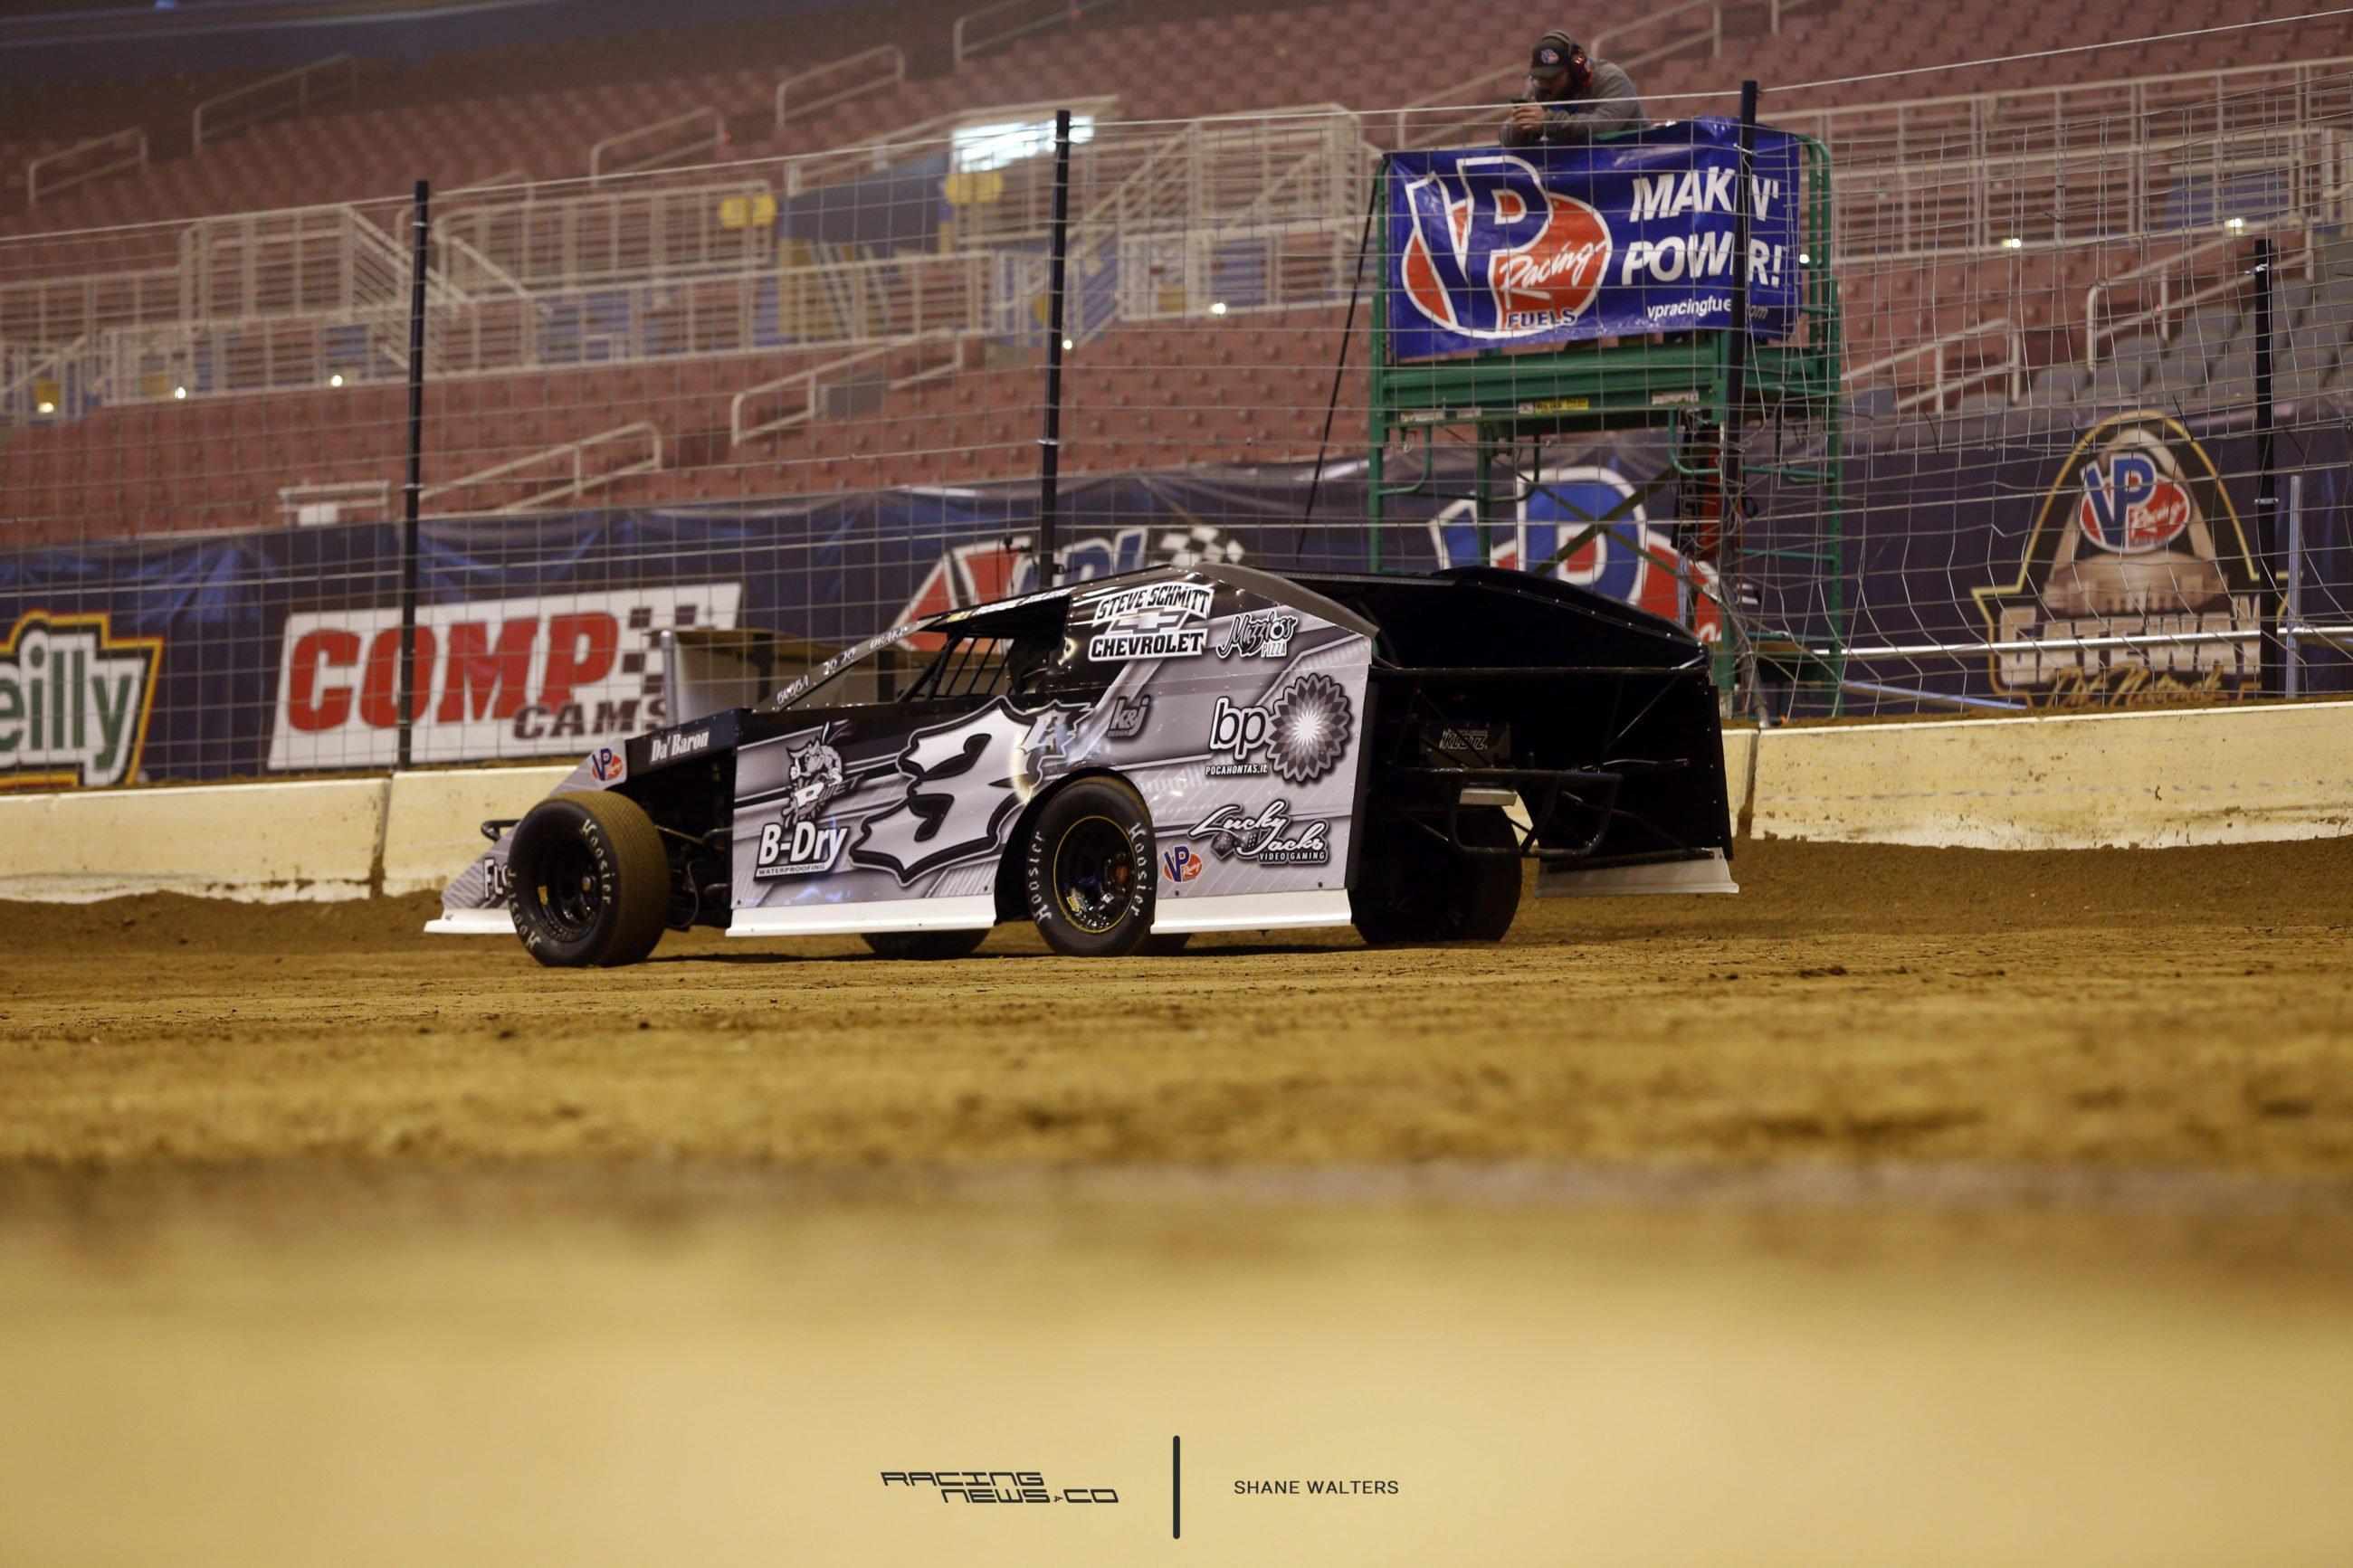 2016 Gateway Dirt Nationals Photos - St Louis Dirt Race 6979